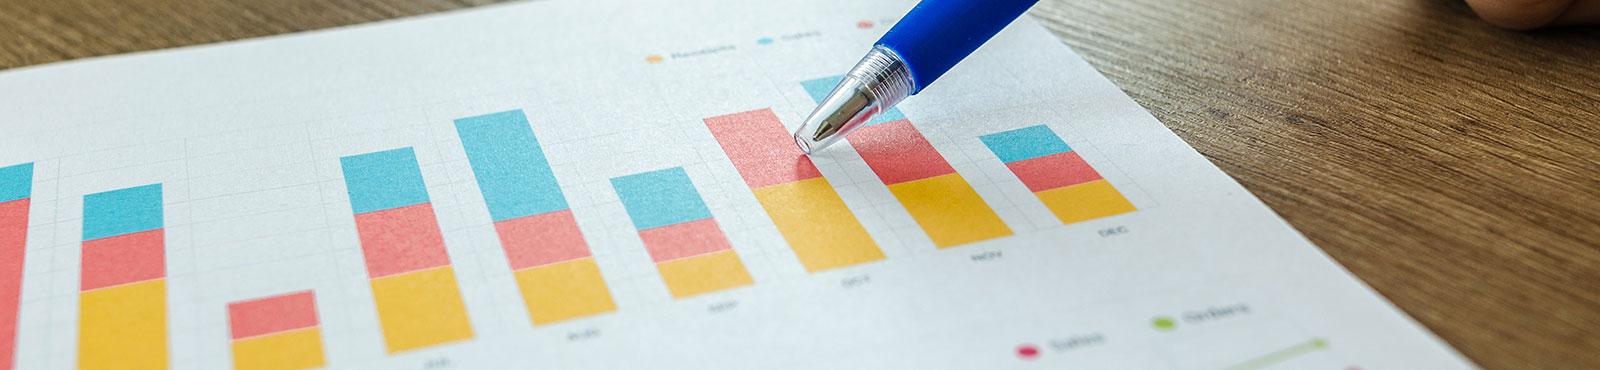 Kosten- und Erlösrechnung: Profi-Auswertungen per Mausklick